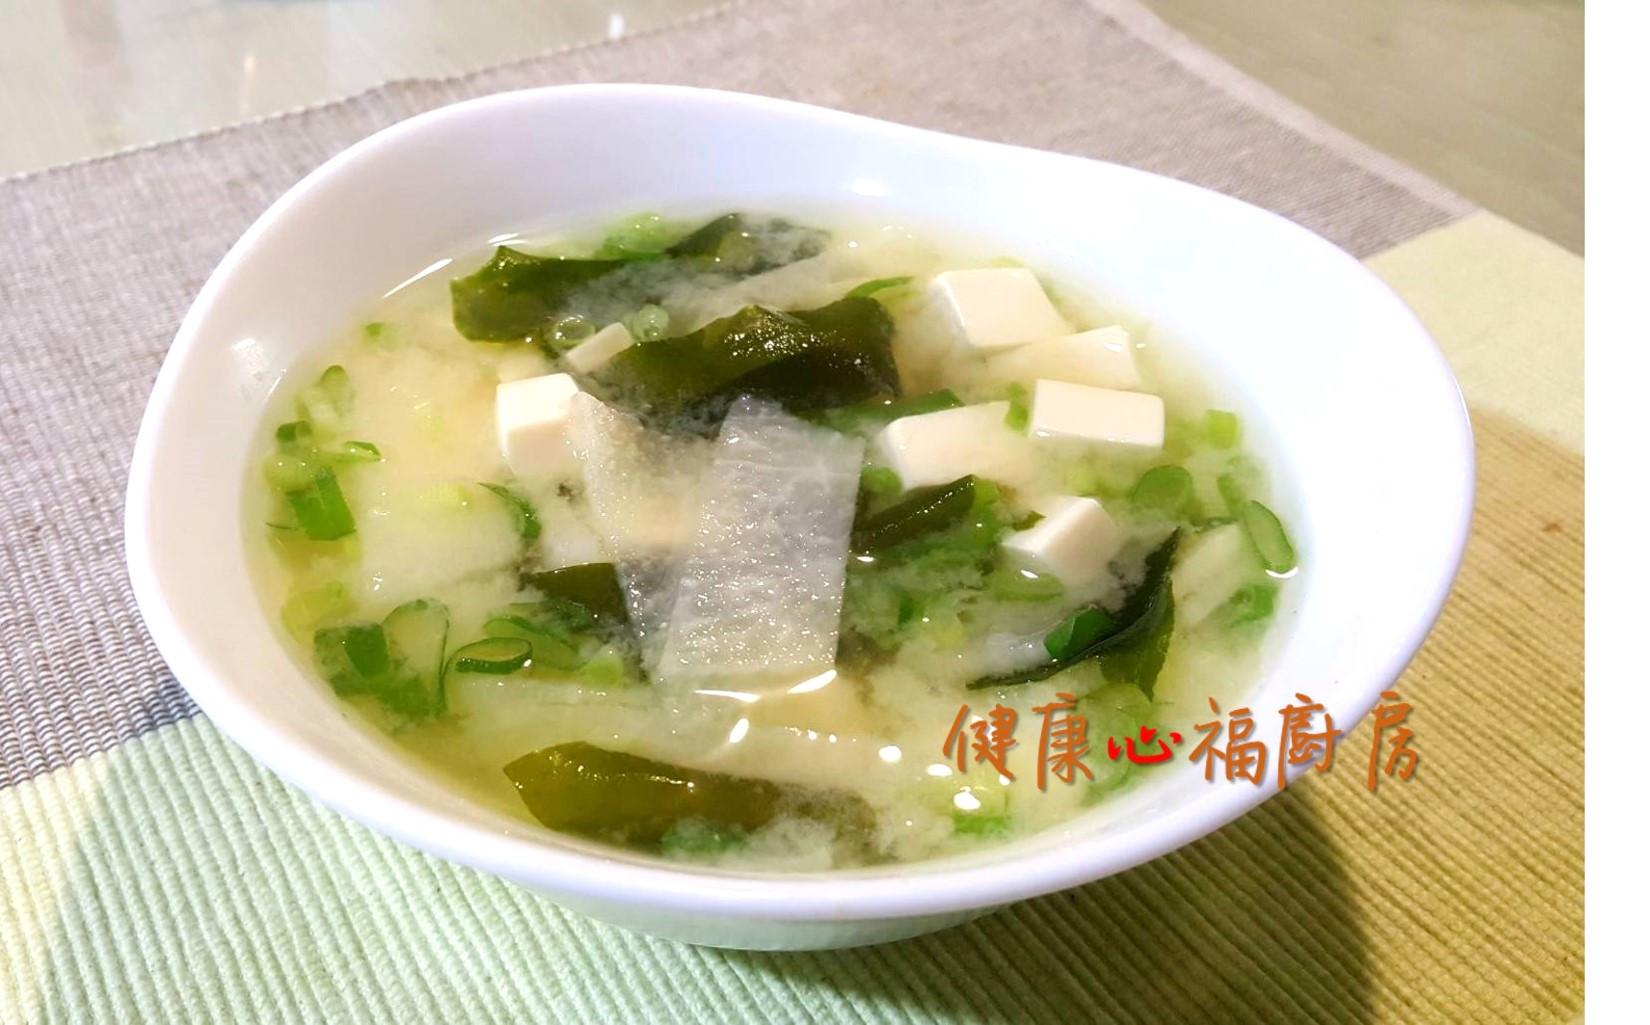 【阿公好料】味噌海帶豆腐湯(素食可)